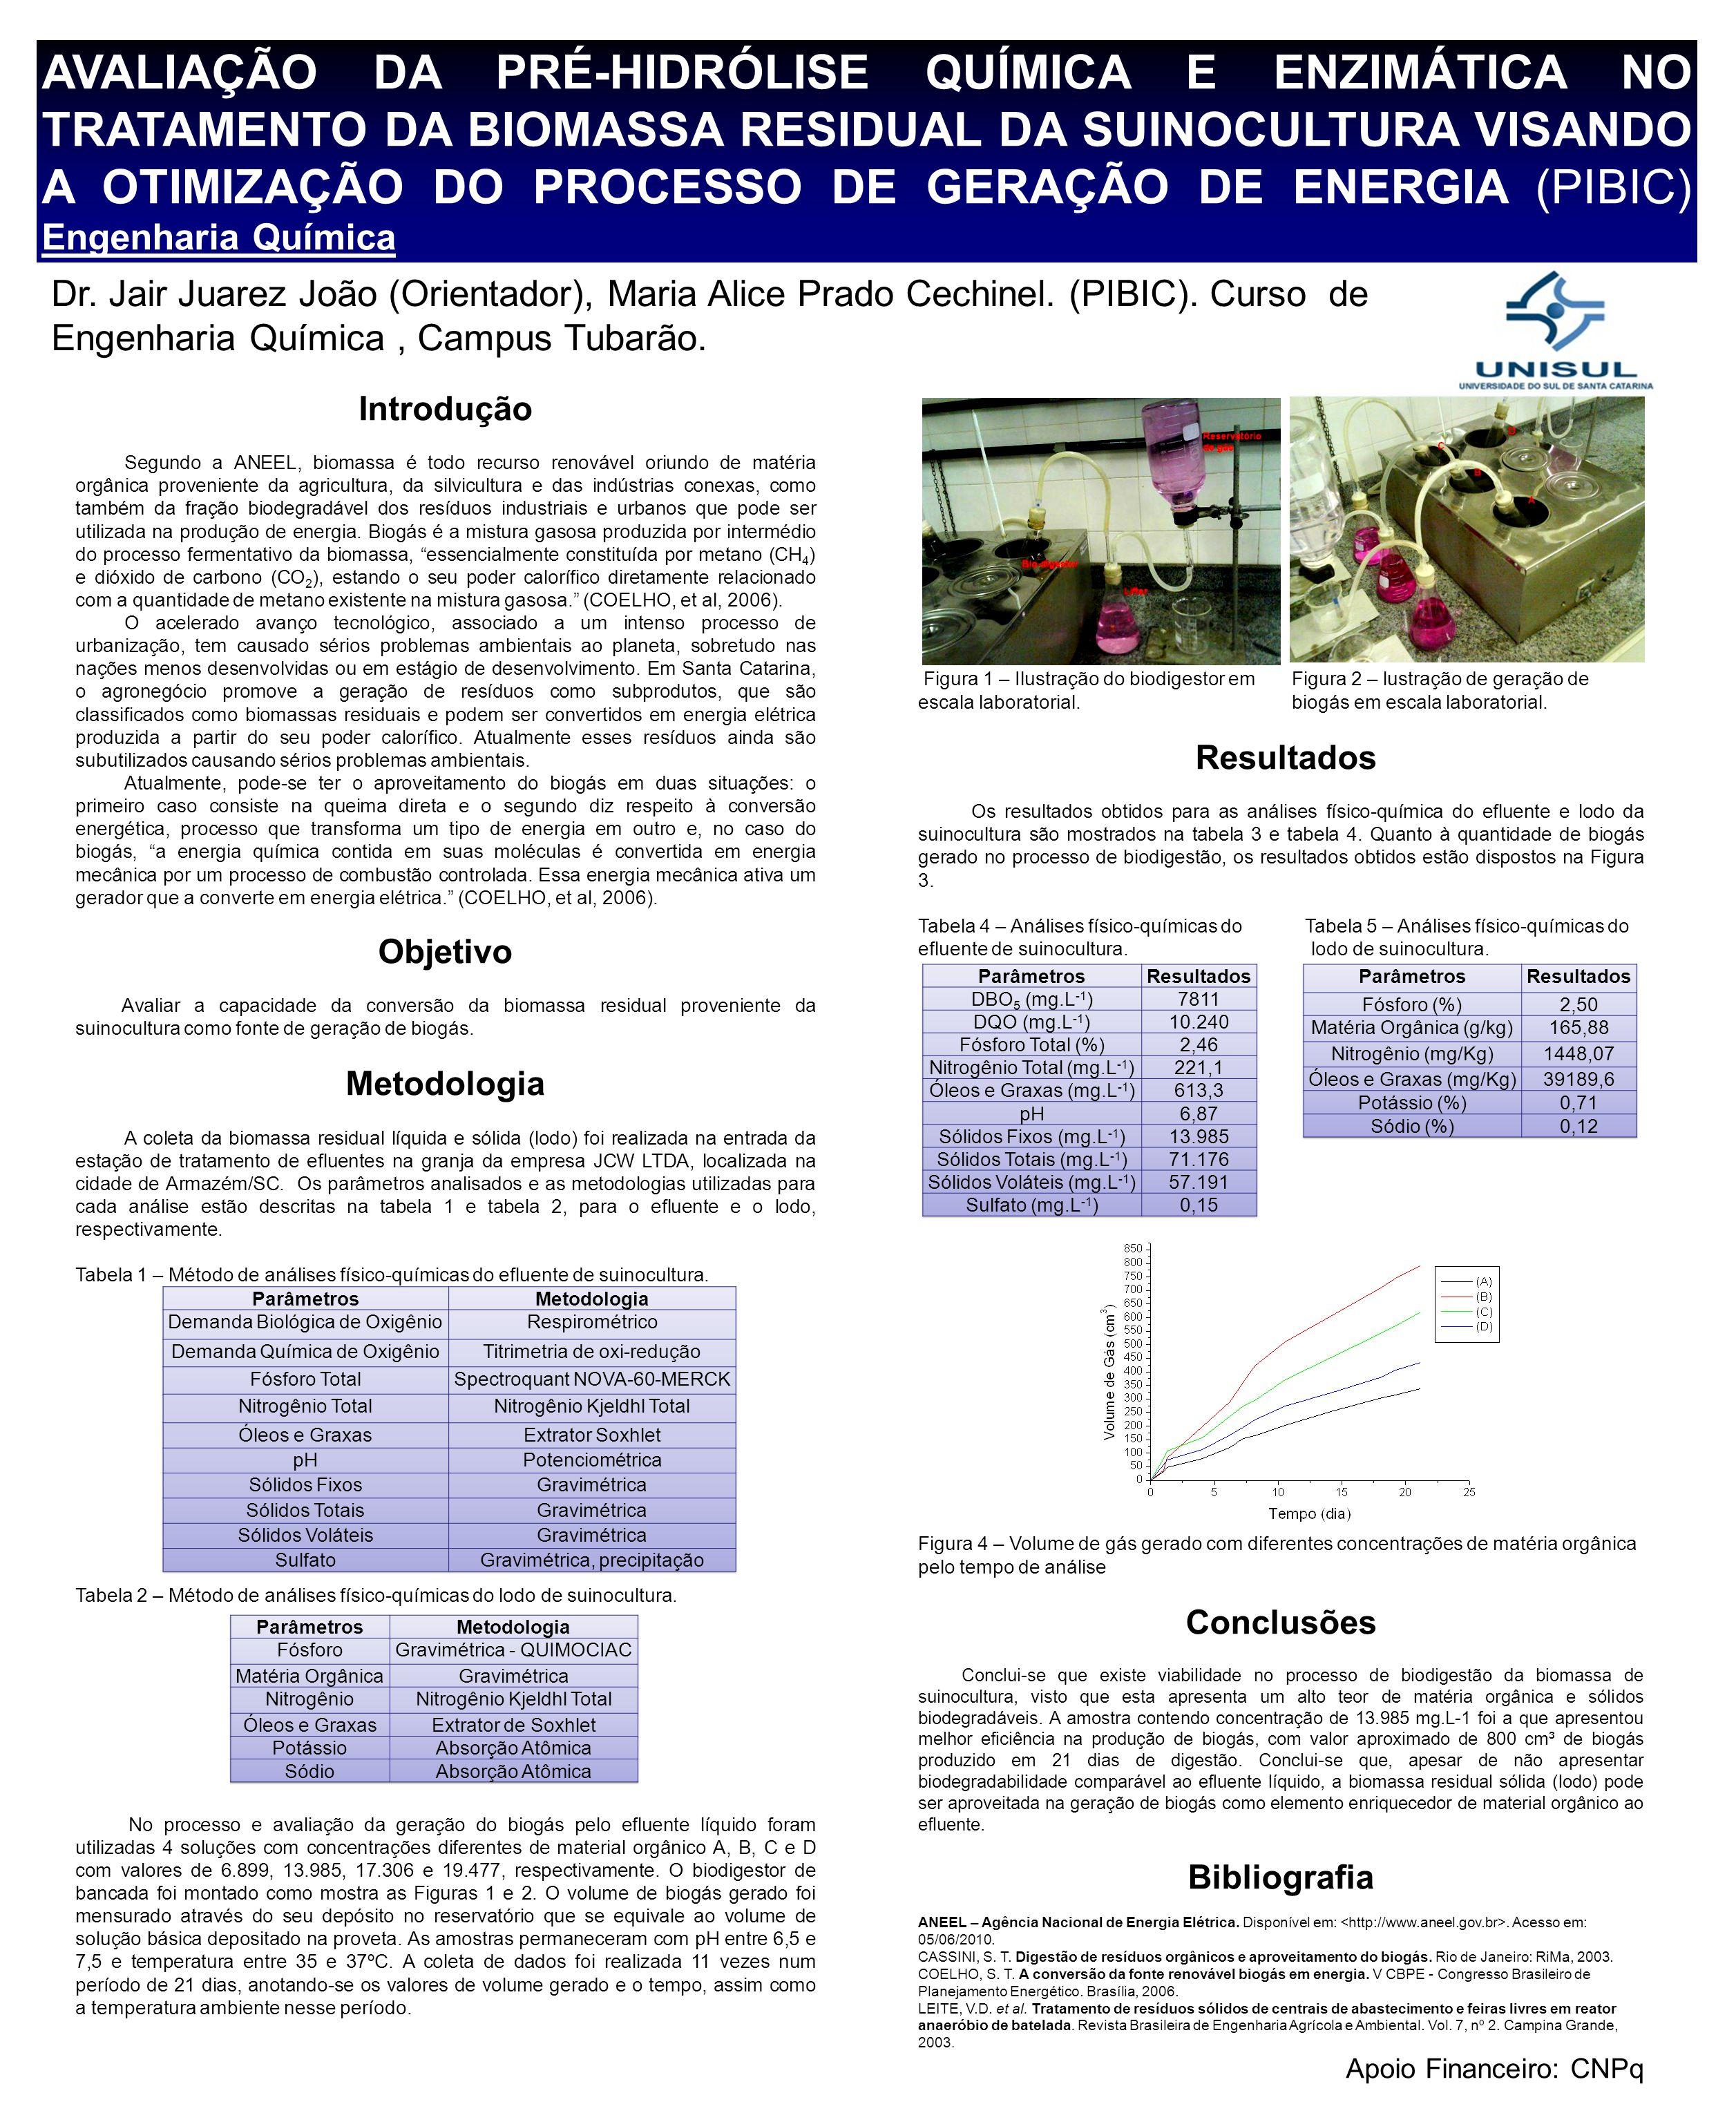 AVALIAÇÃO DA PRÉ-HIDRÓLISE QUÍMICA E ENZIMÁTICA NO TRATAMENTO DA BIOMASSA RESIDUAL DA SUINOCULTURA VISANDO A OTIMIZAÇÃO DO PROCESSO DE GERAÇÃO DE ENERGIA (PIBIC) Engenharia Química